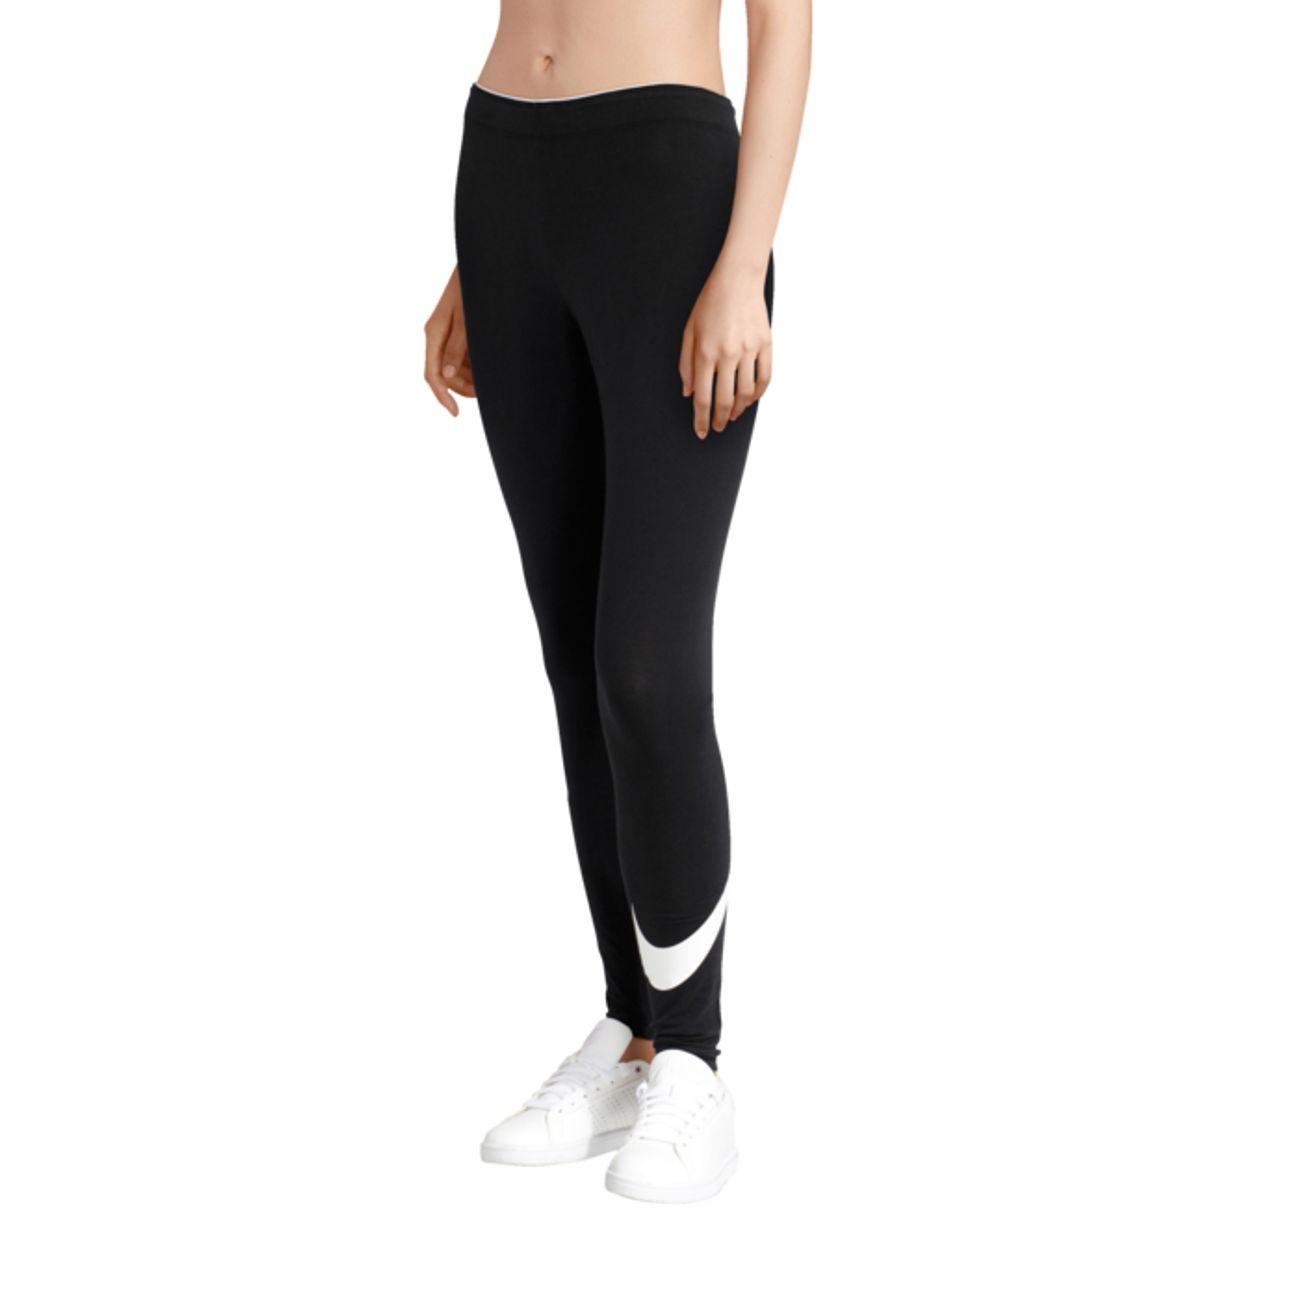 LEGGING Fitness femme NIKE CLUB LEGGING LOGO 2 NOIR